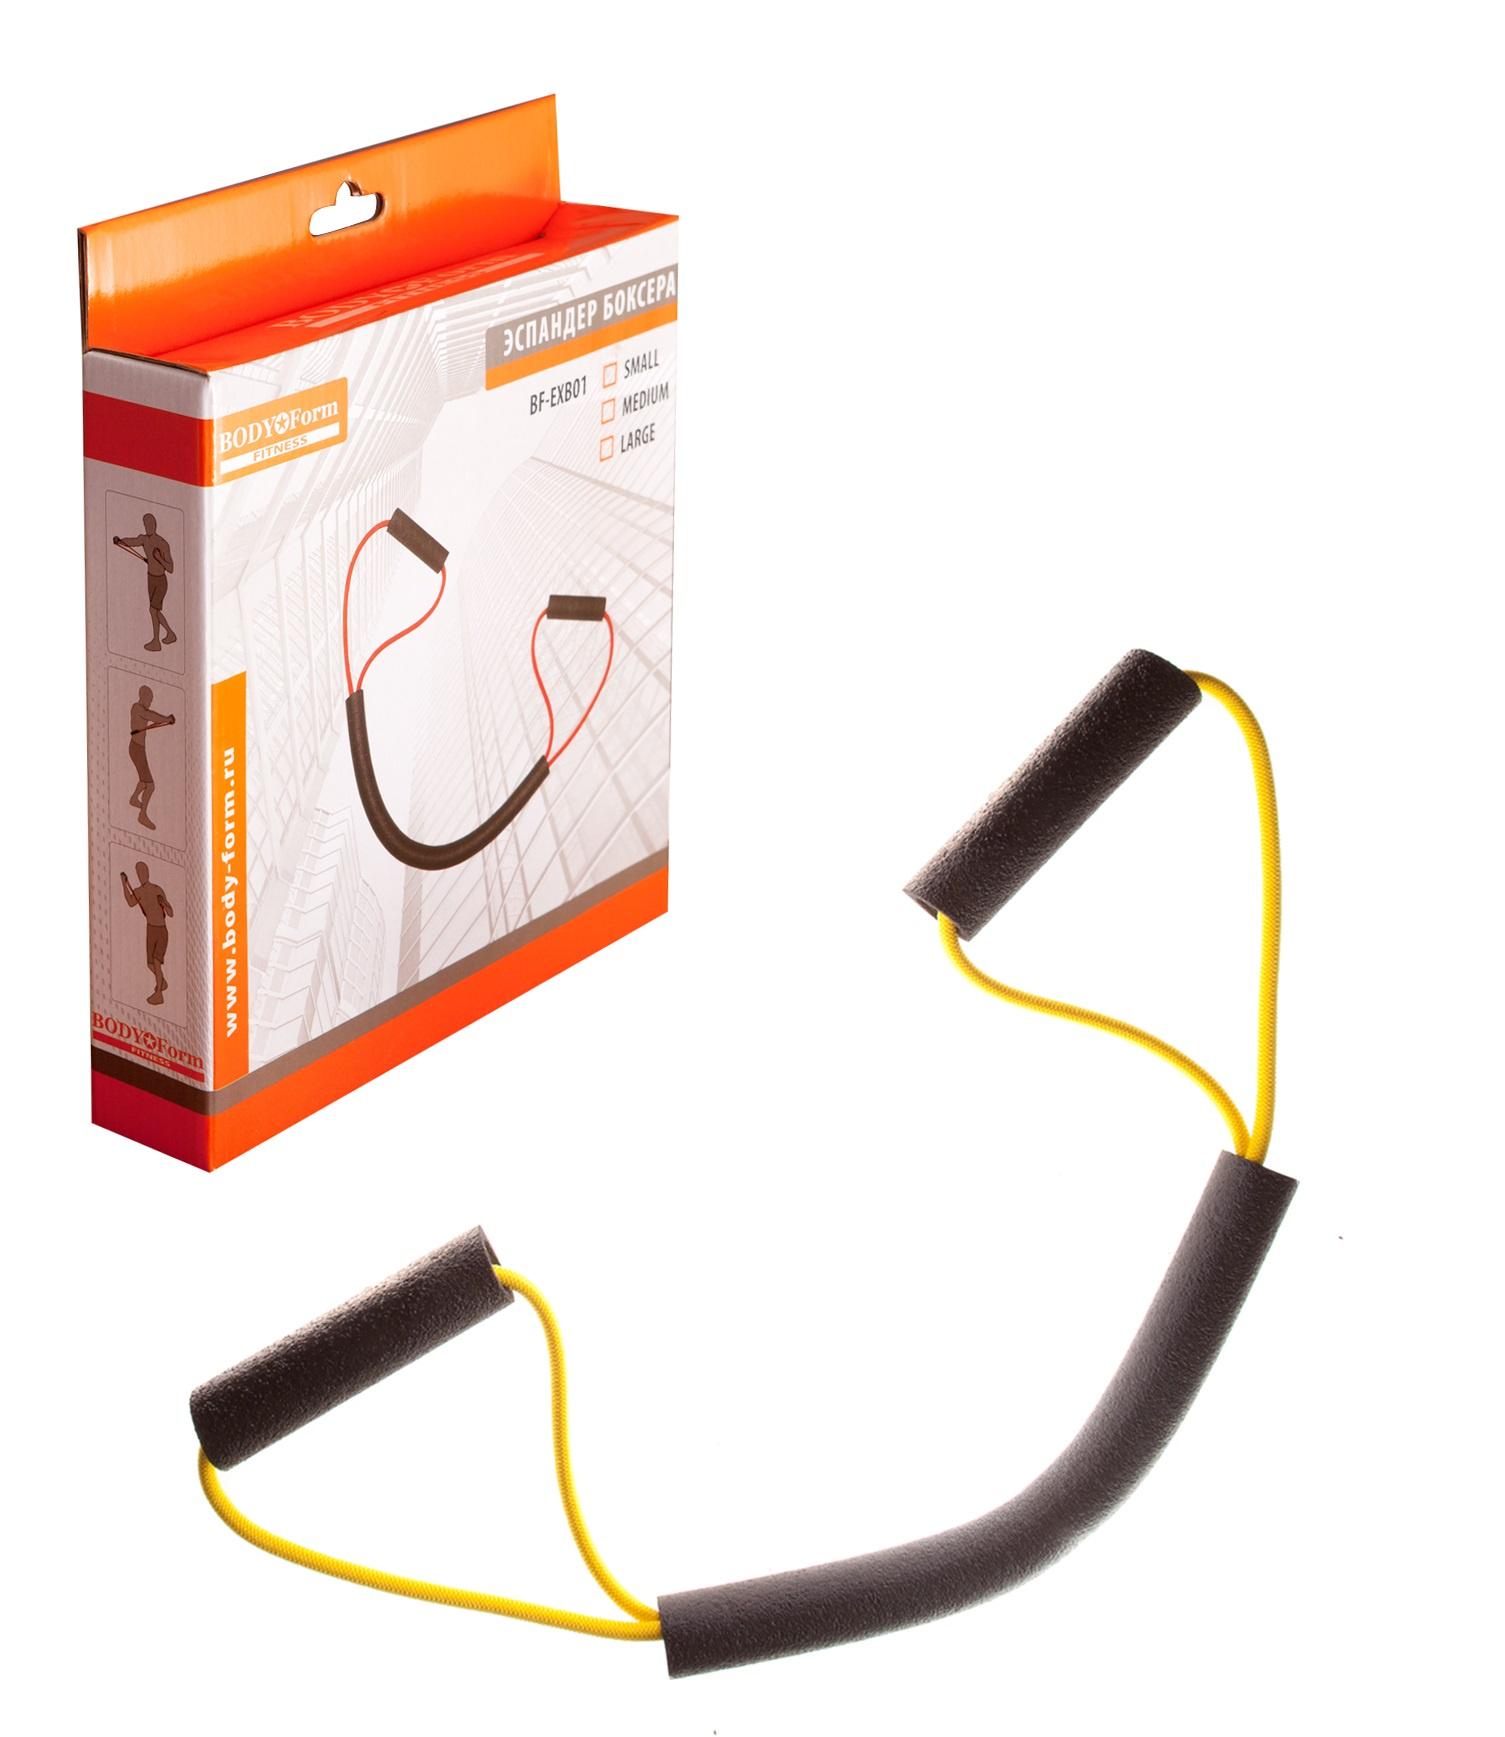 Эспандер BodyForm BF-EXB01, BF-EXB01, желтый цена